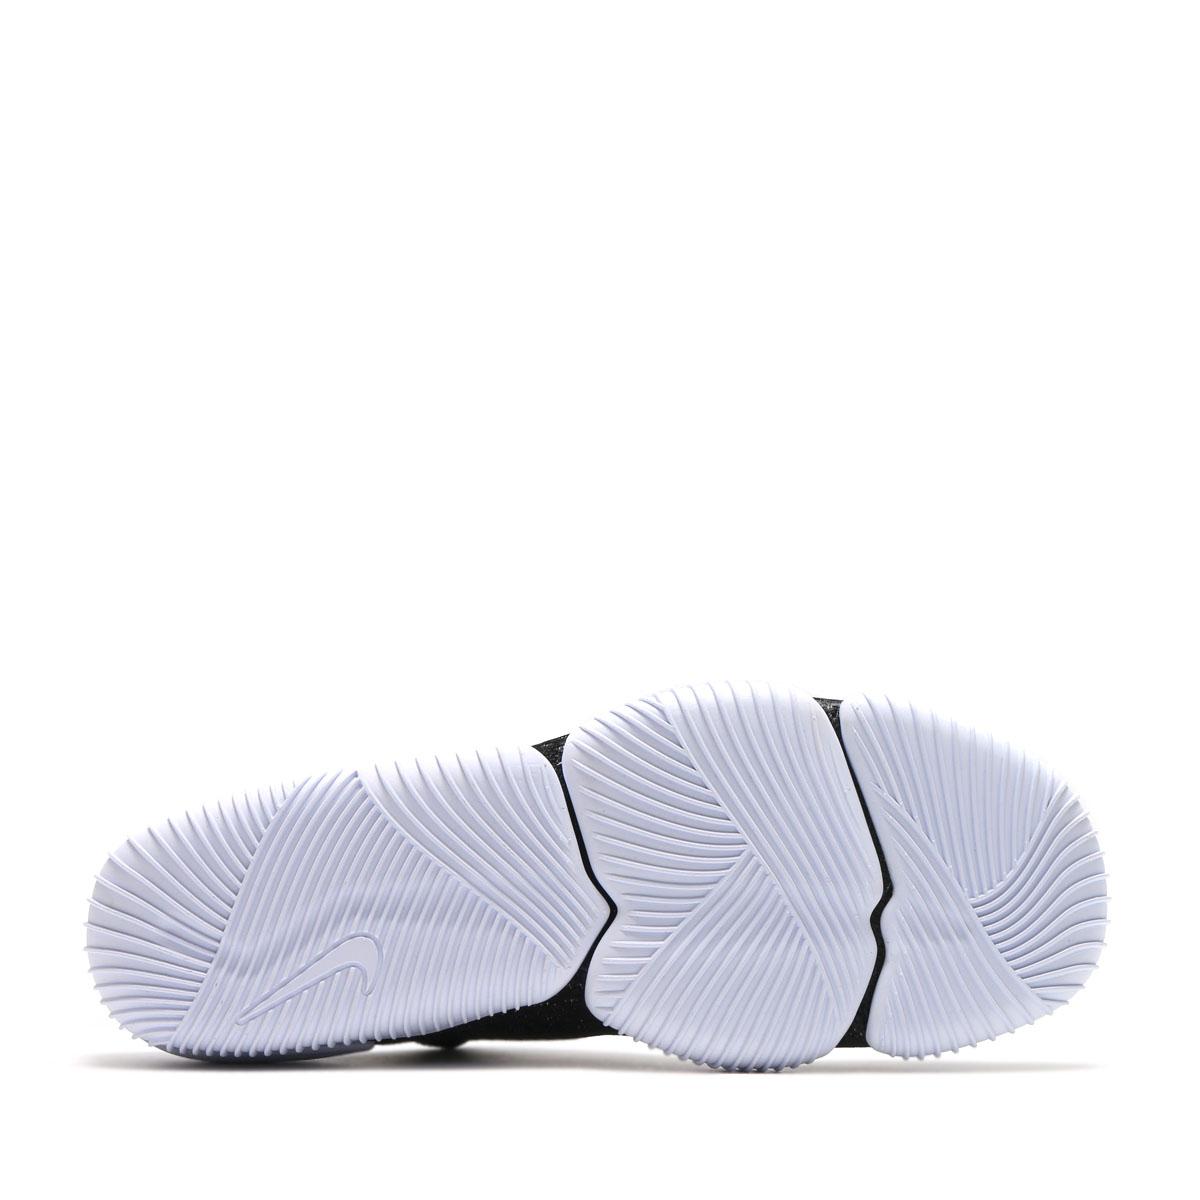 NIKE AQUA SOCK 360 (ナイキアクアソック 360) BLACK/BLACK-WHITE-WHITE [men gap Dis sneakers] 17SU-I